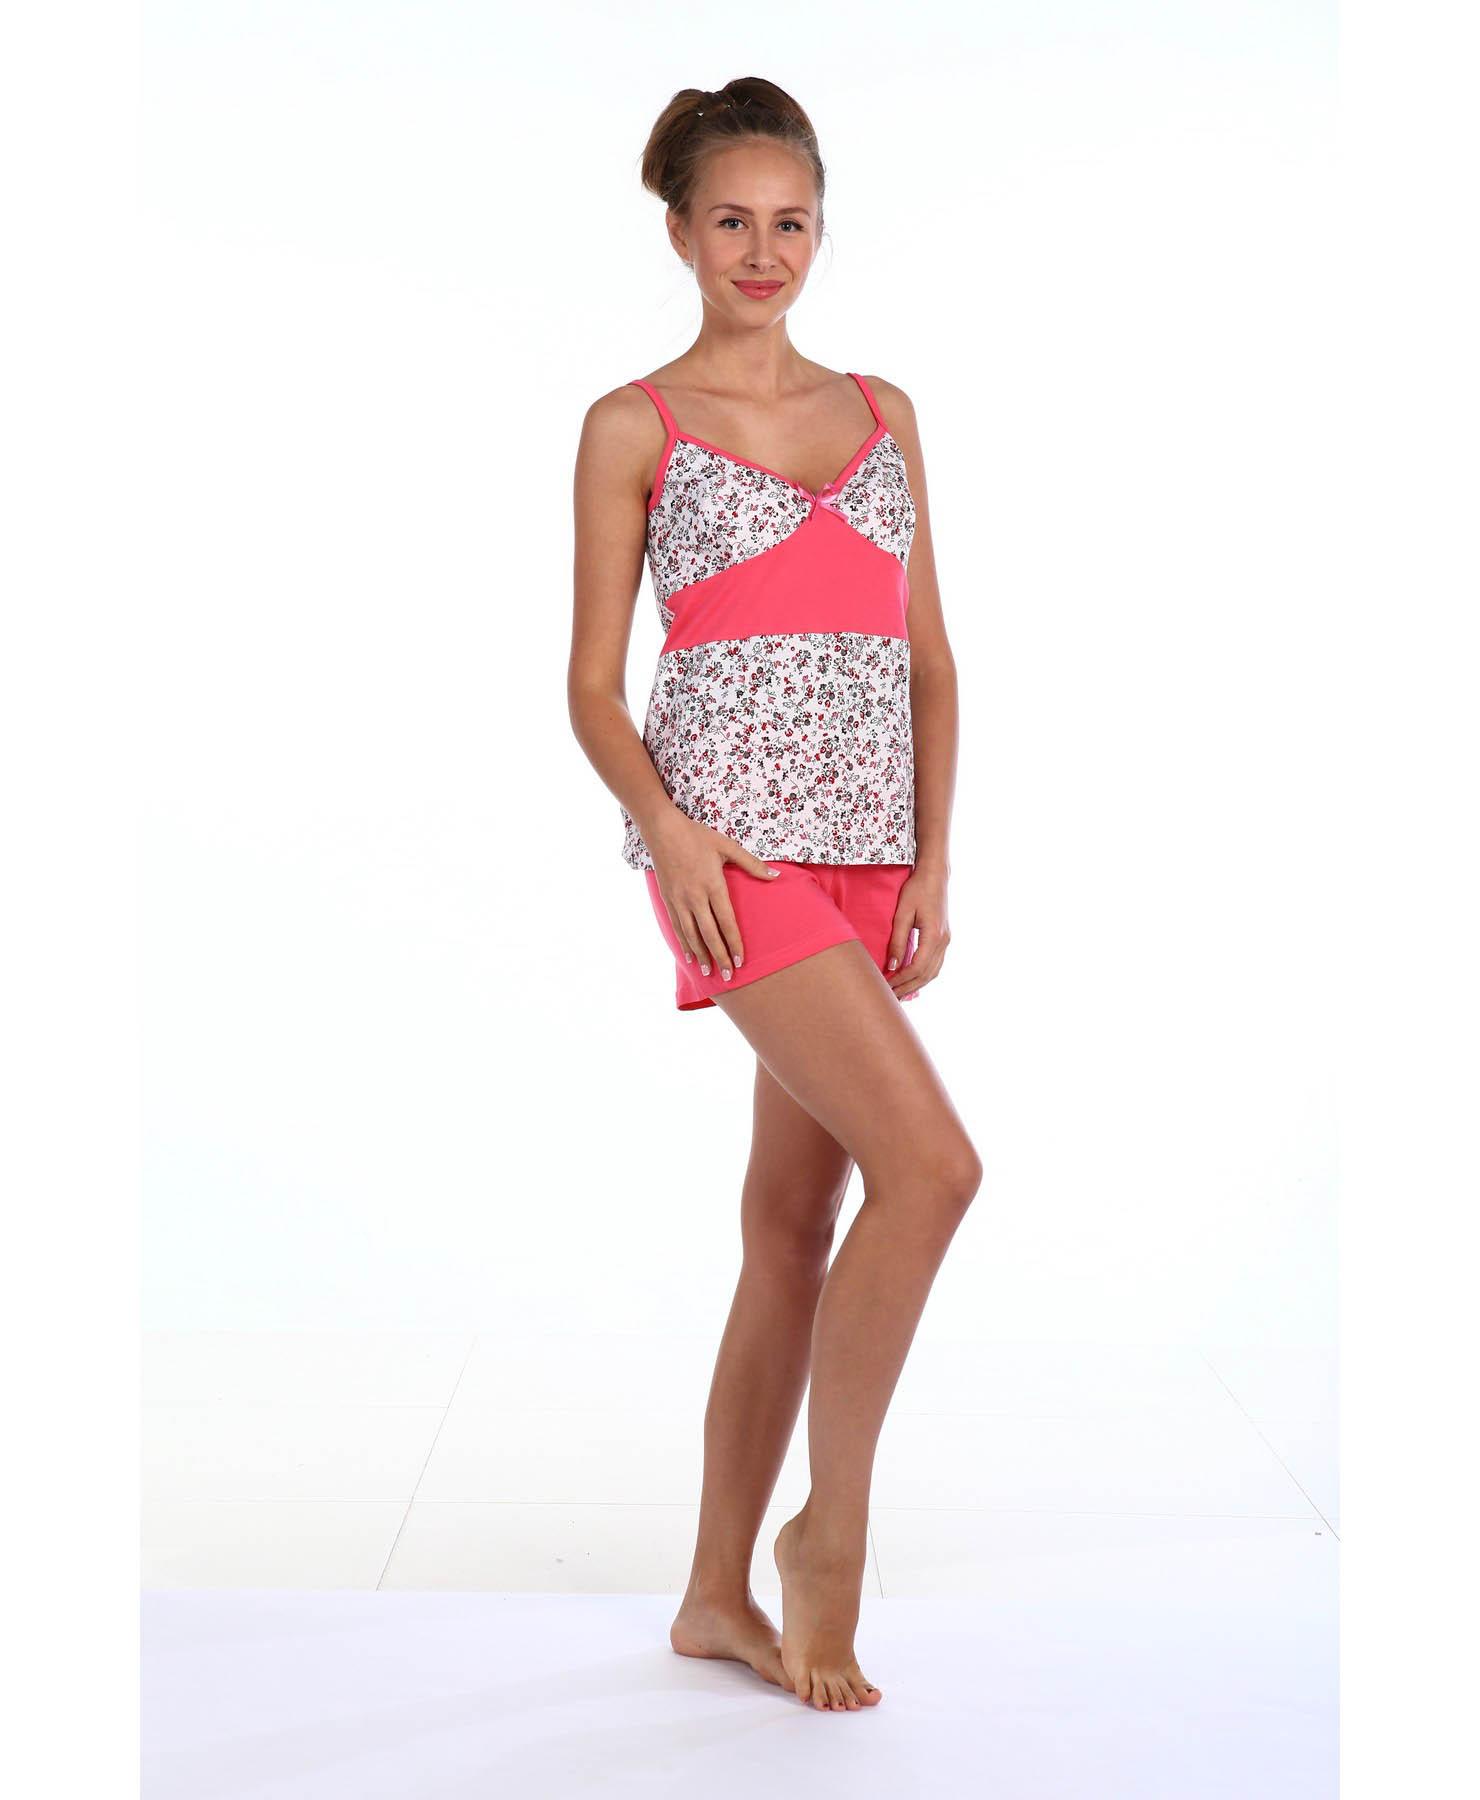 Пижамы Pastilla Пижама Палермо 1 Цвет: Розовый (xL-xxL) пижамы mia cara пижама paulina цвет розовый xxl